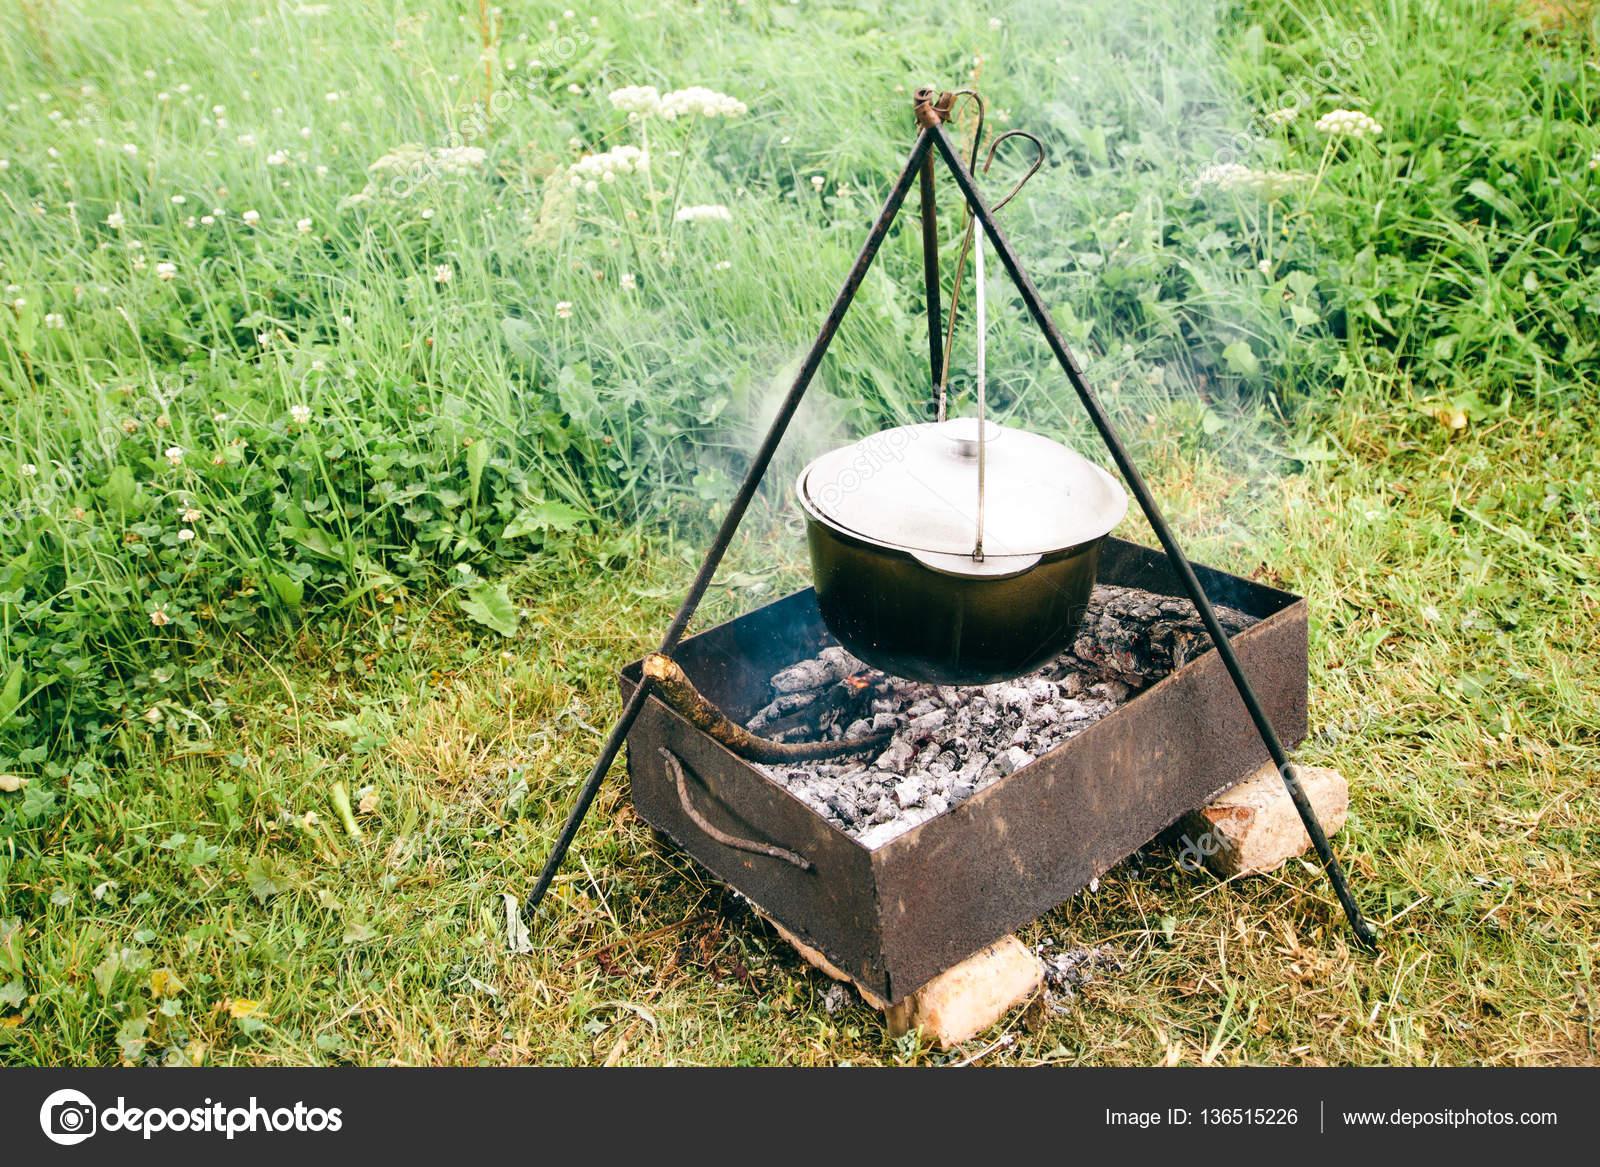 Cucina da campo la pentola sul fuoco cucinare la zuppa for Per cucinare 94